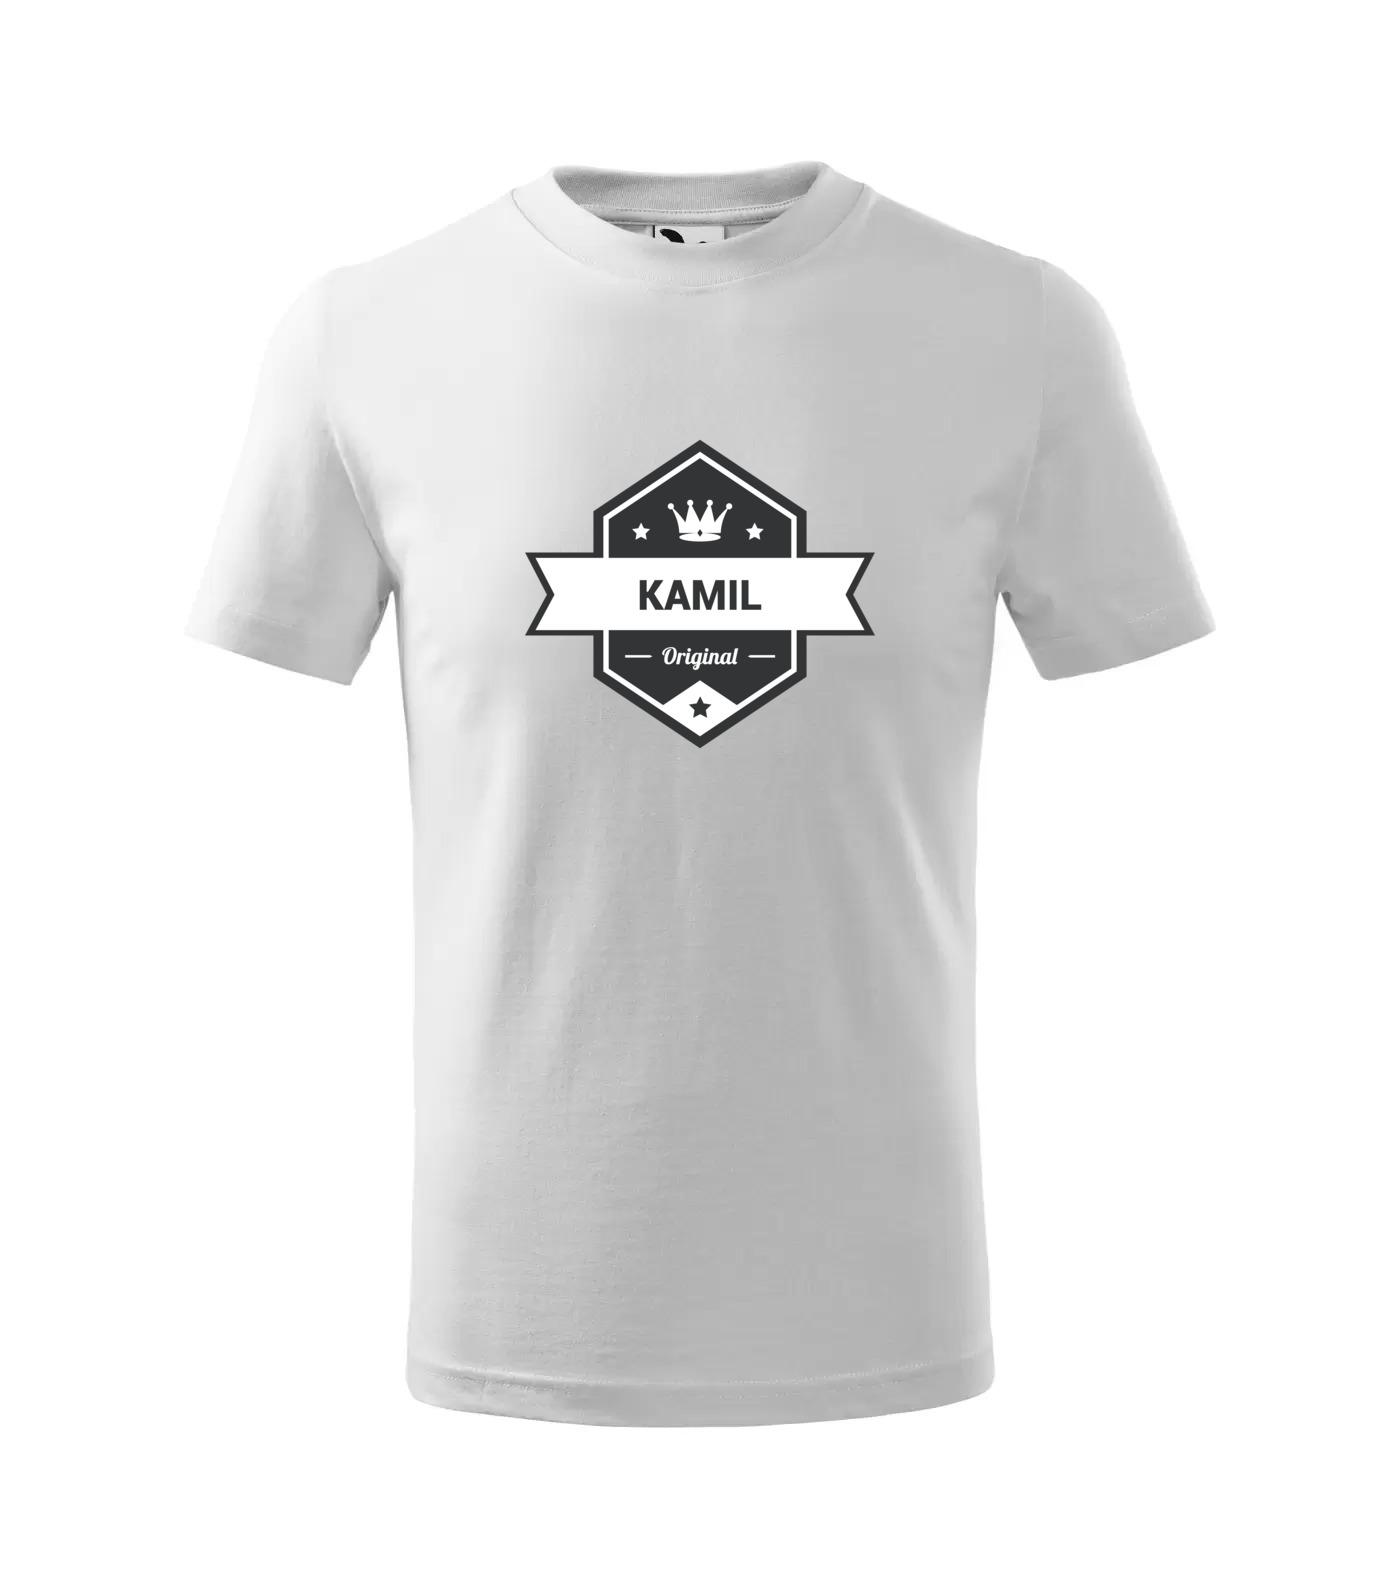 Tričko King Kamil